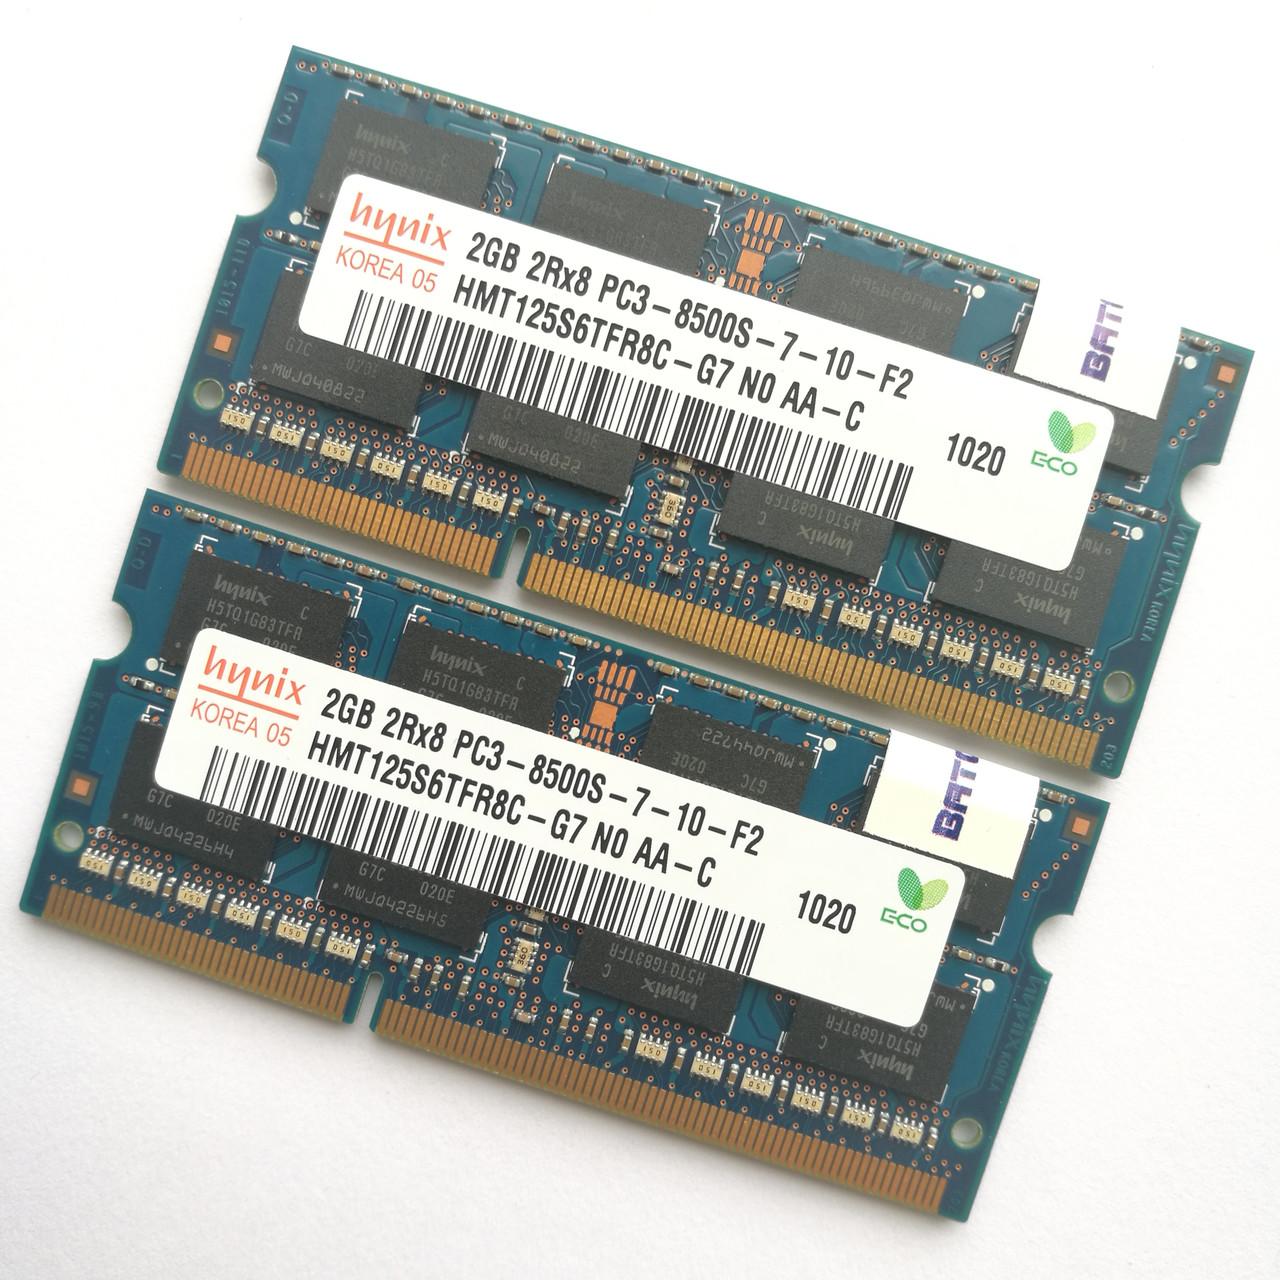 Пара оперативной памяти для ноутбука Hynix SODIMM DDR3 4Gb (2+2) 1066MHz 8500 (HMT125S6TFR8C-G7 NO AA-C) Б/У